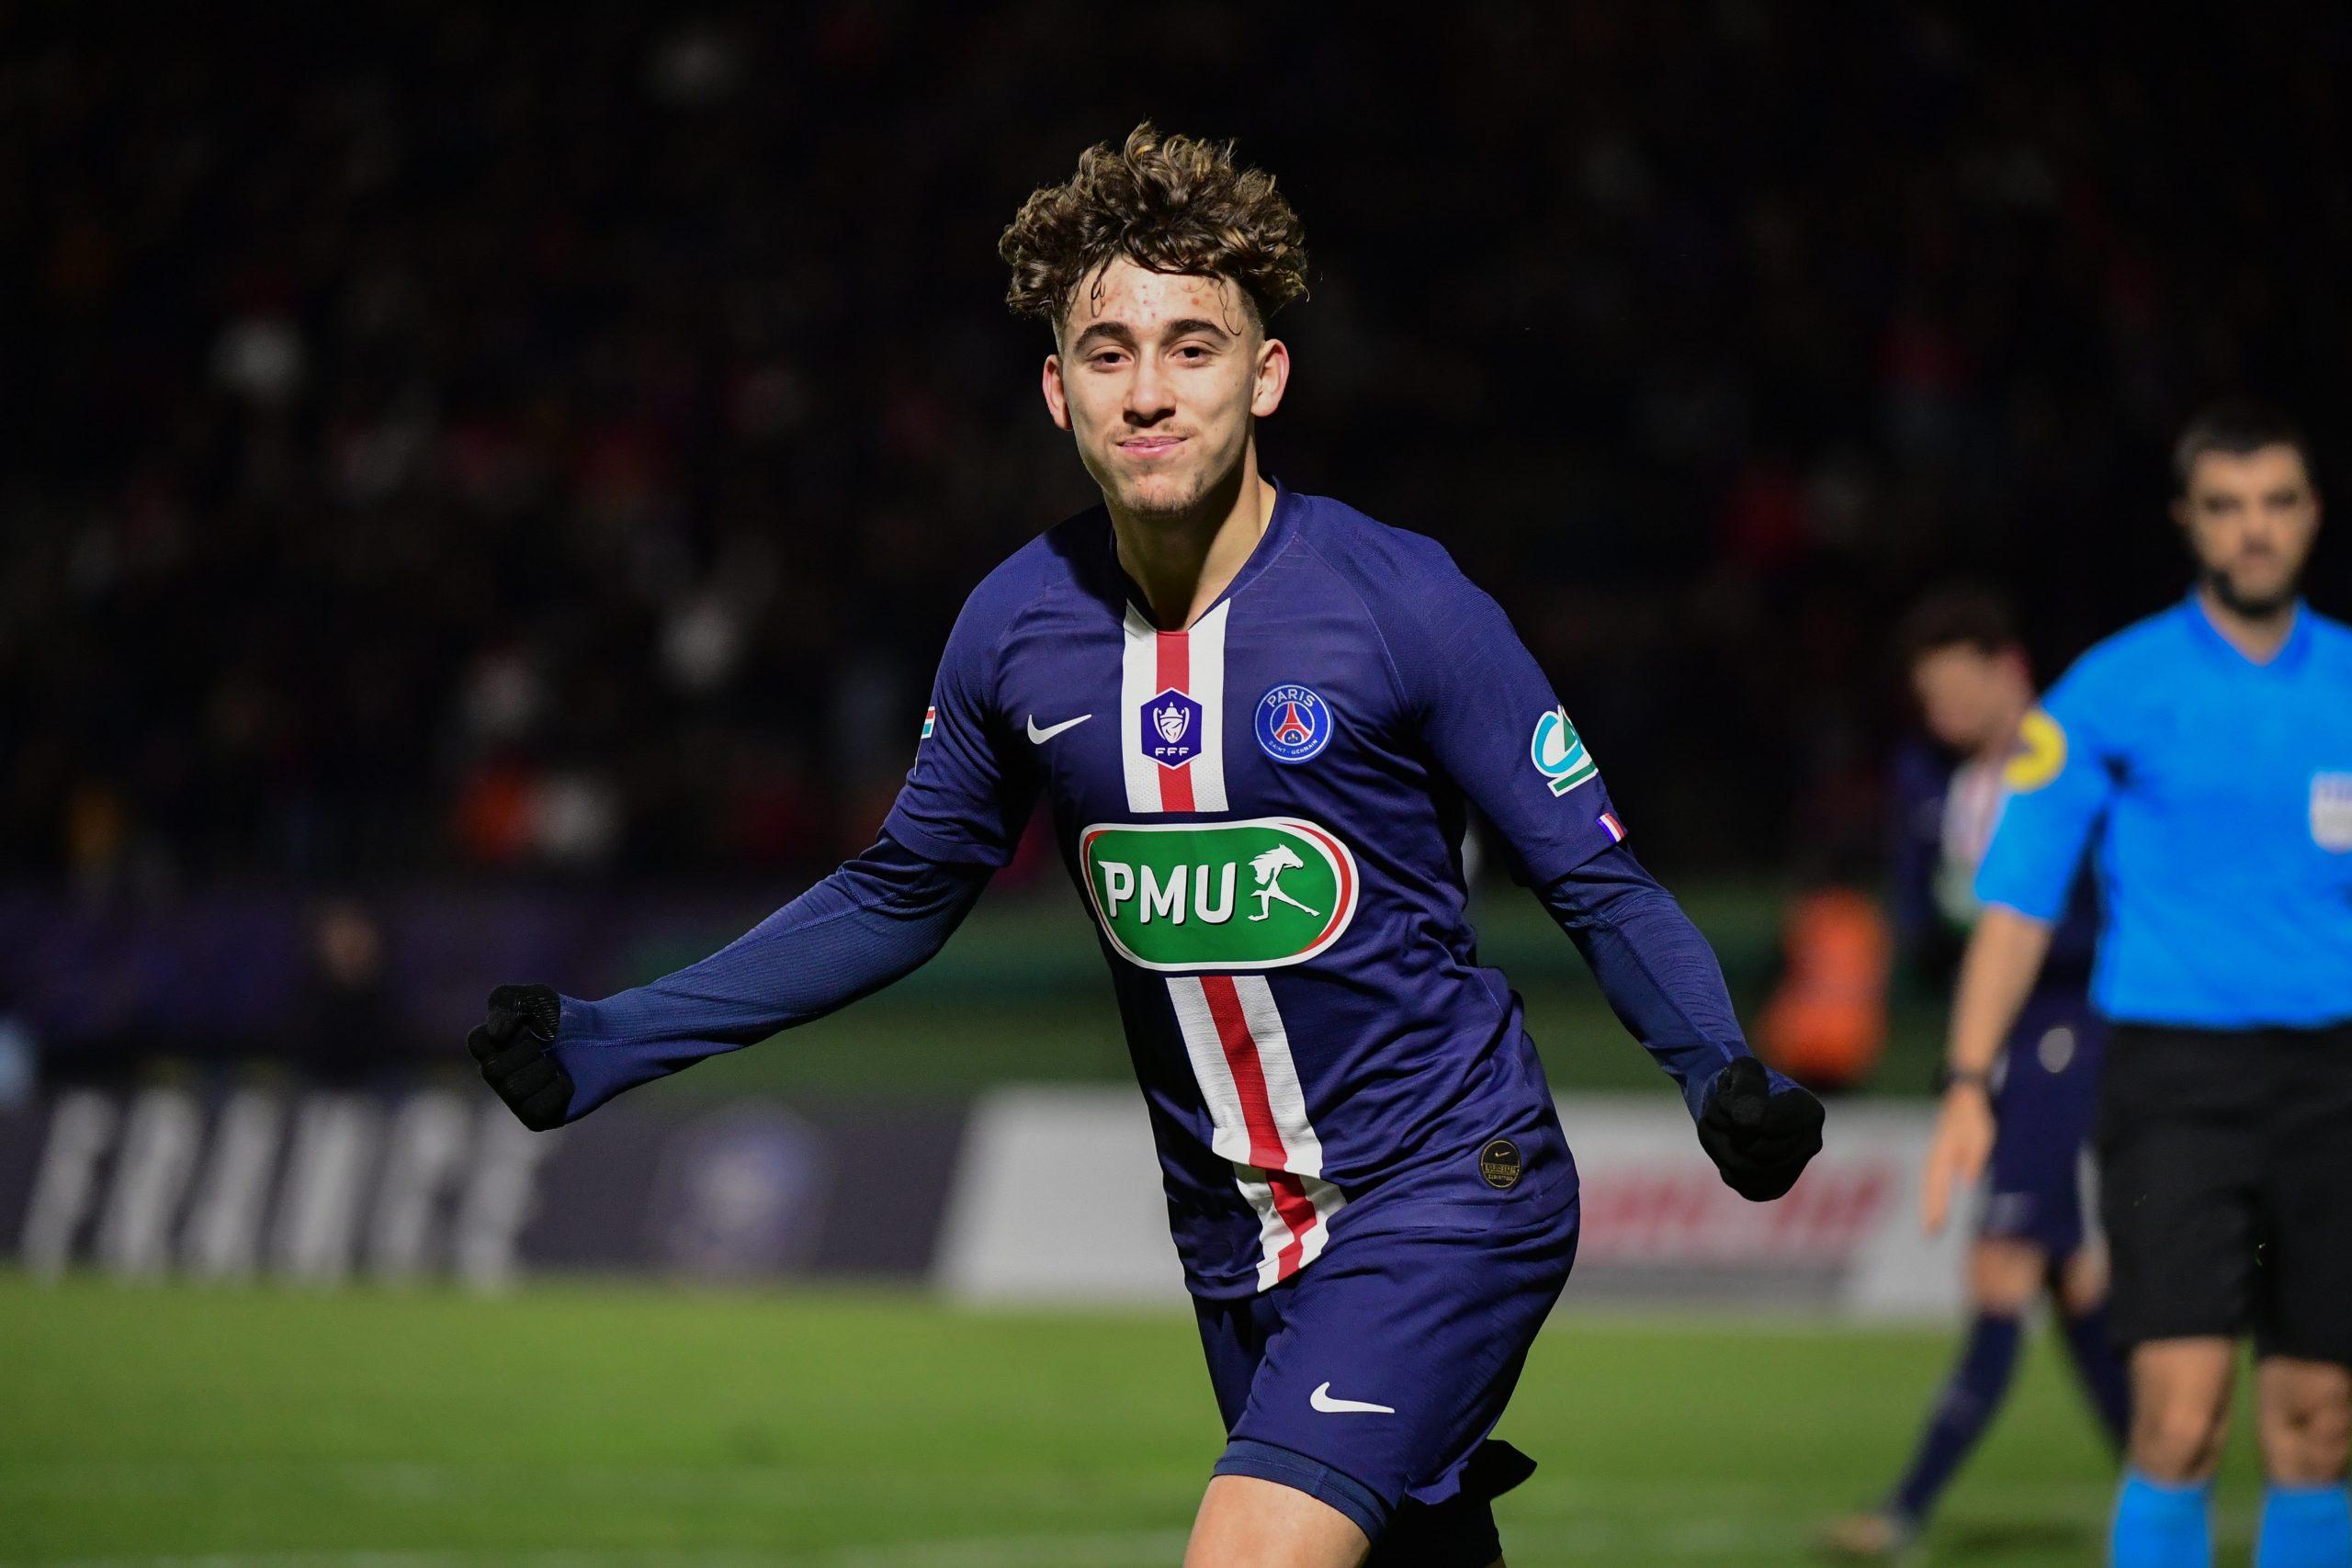 Sondage - Quel est le plus beau but du PSG cette saison ? 2e manche : Aouchiche ou Neymar ?